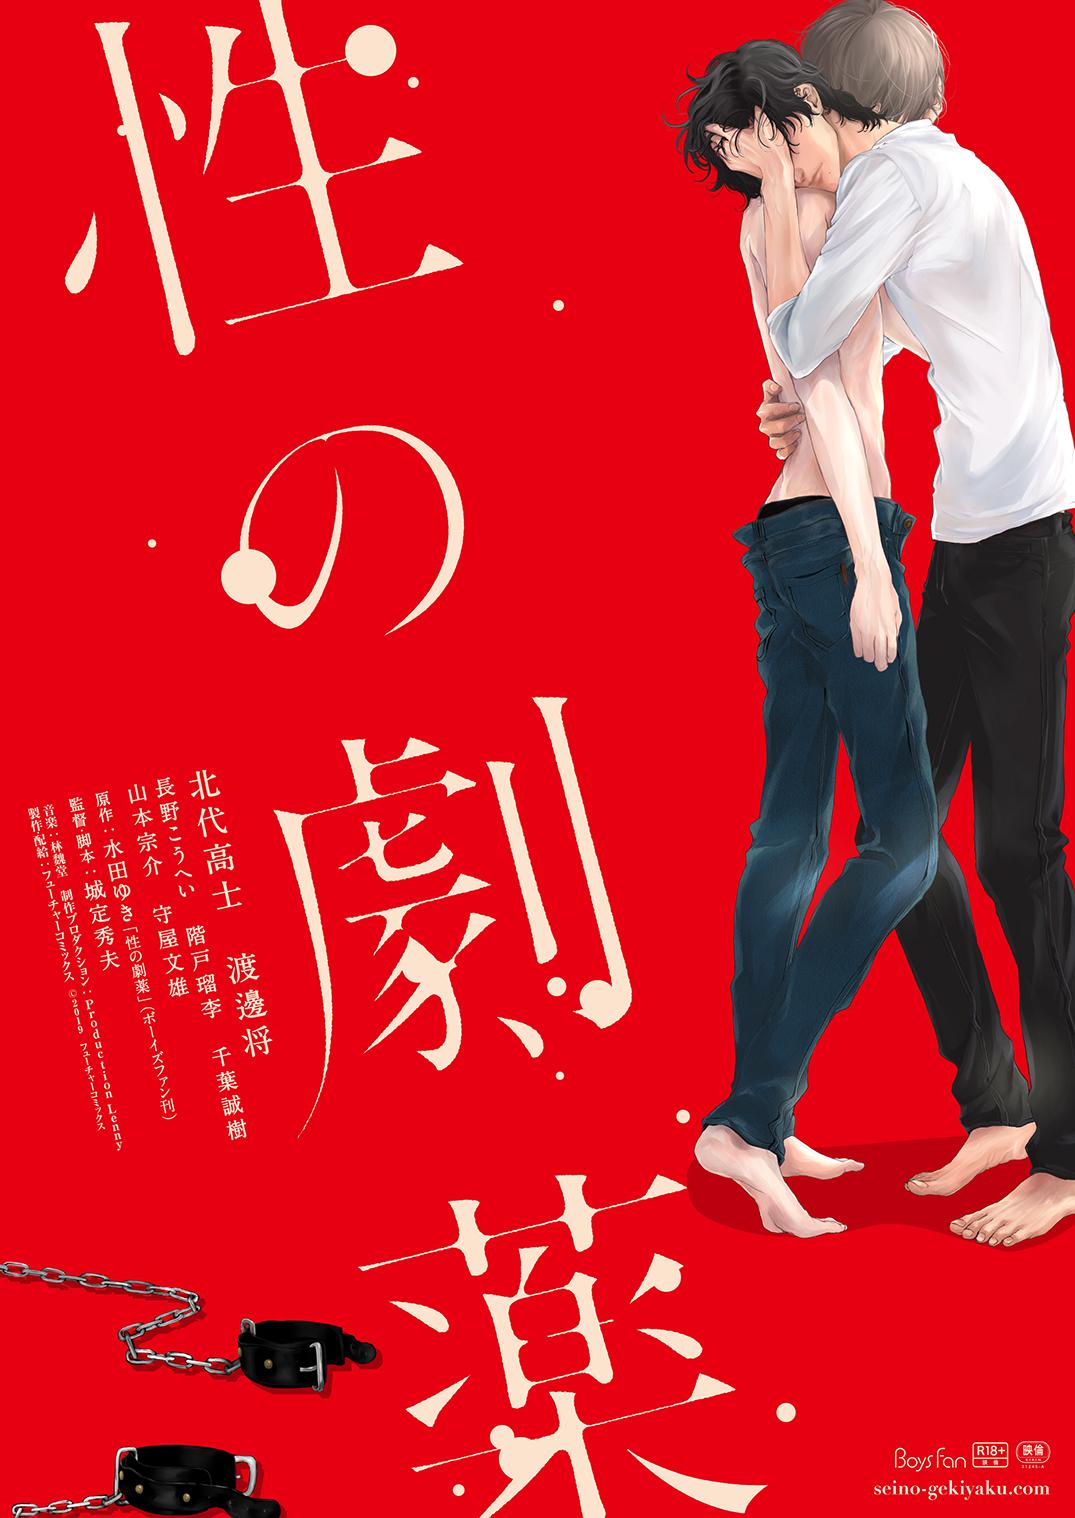 映画『性の劇薬』アニメイトで映画前売券を購入すると抽選で水田ゆき先生のサイン本が当たる!